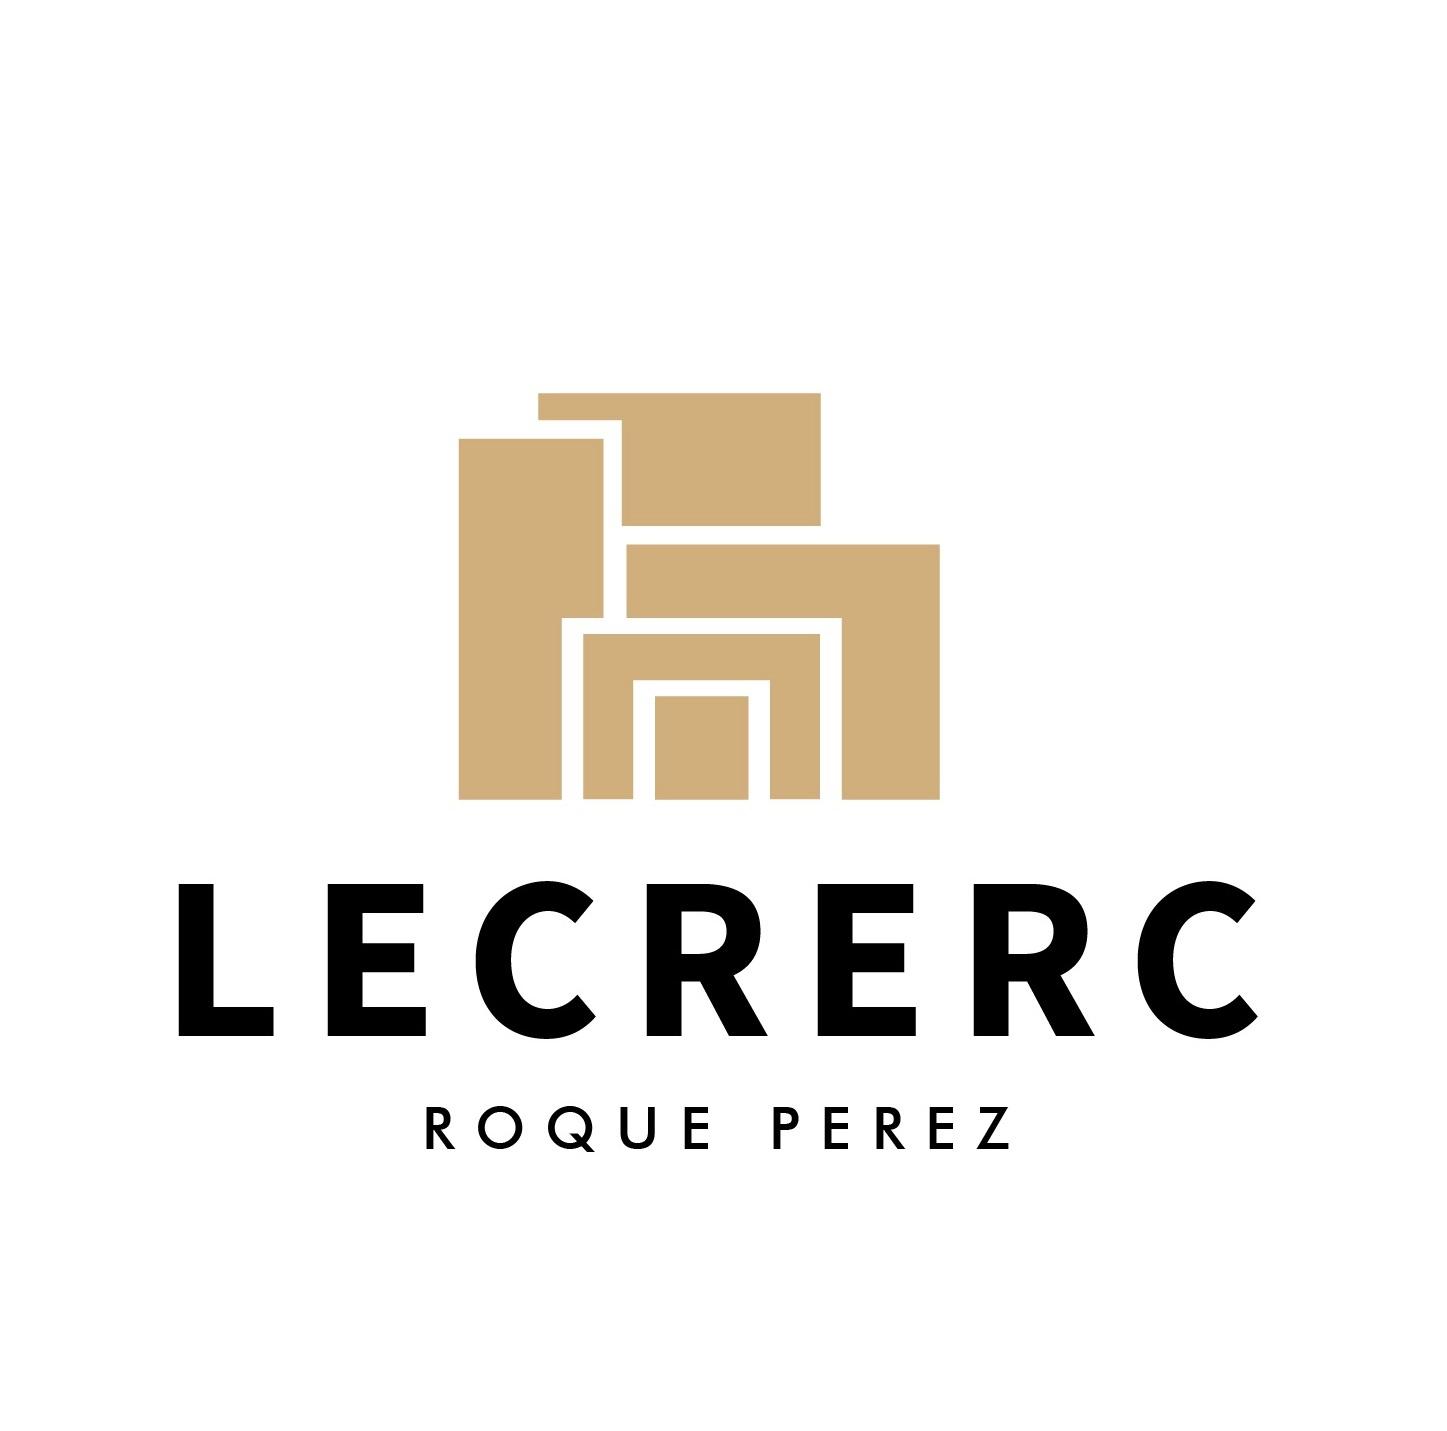 LECRERC Roque Perez, duplex internos en el centro de Roque Pérez